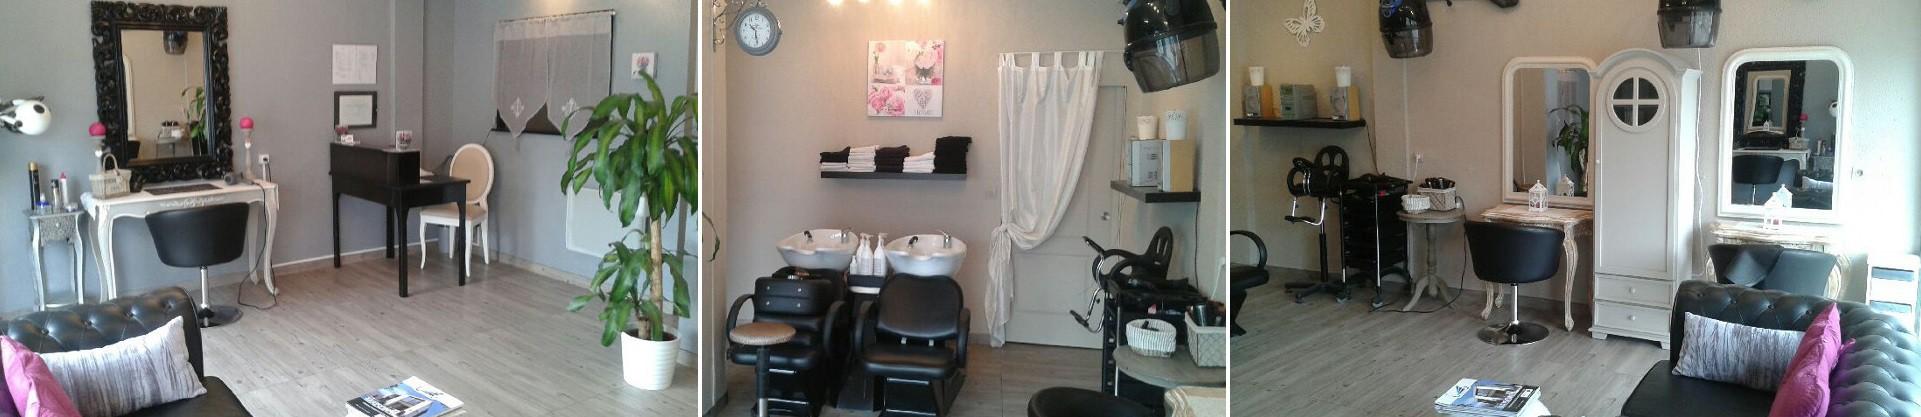 Studio cry 39 s coiffure salon de coiffure sur montpellier - Salon du tatouage montpellier ...